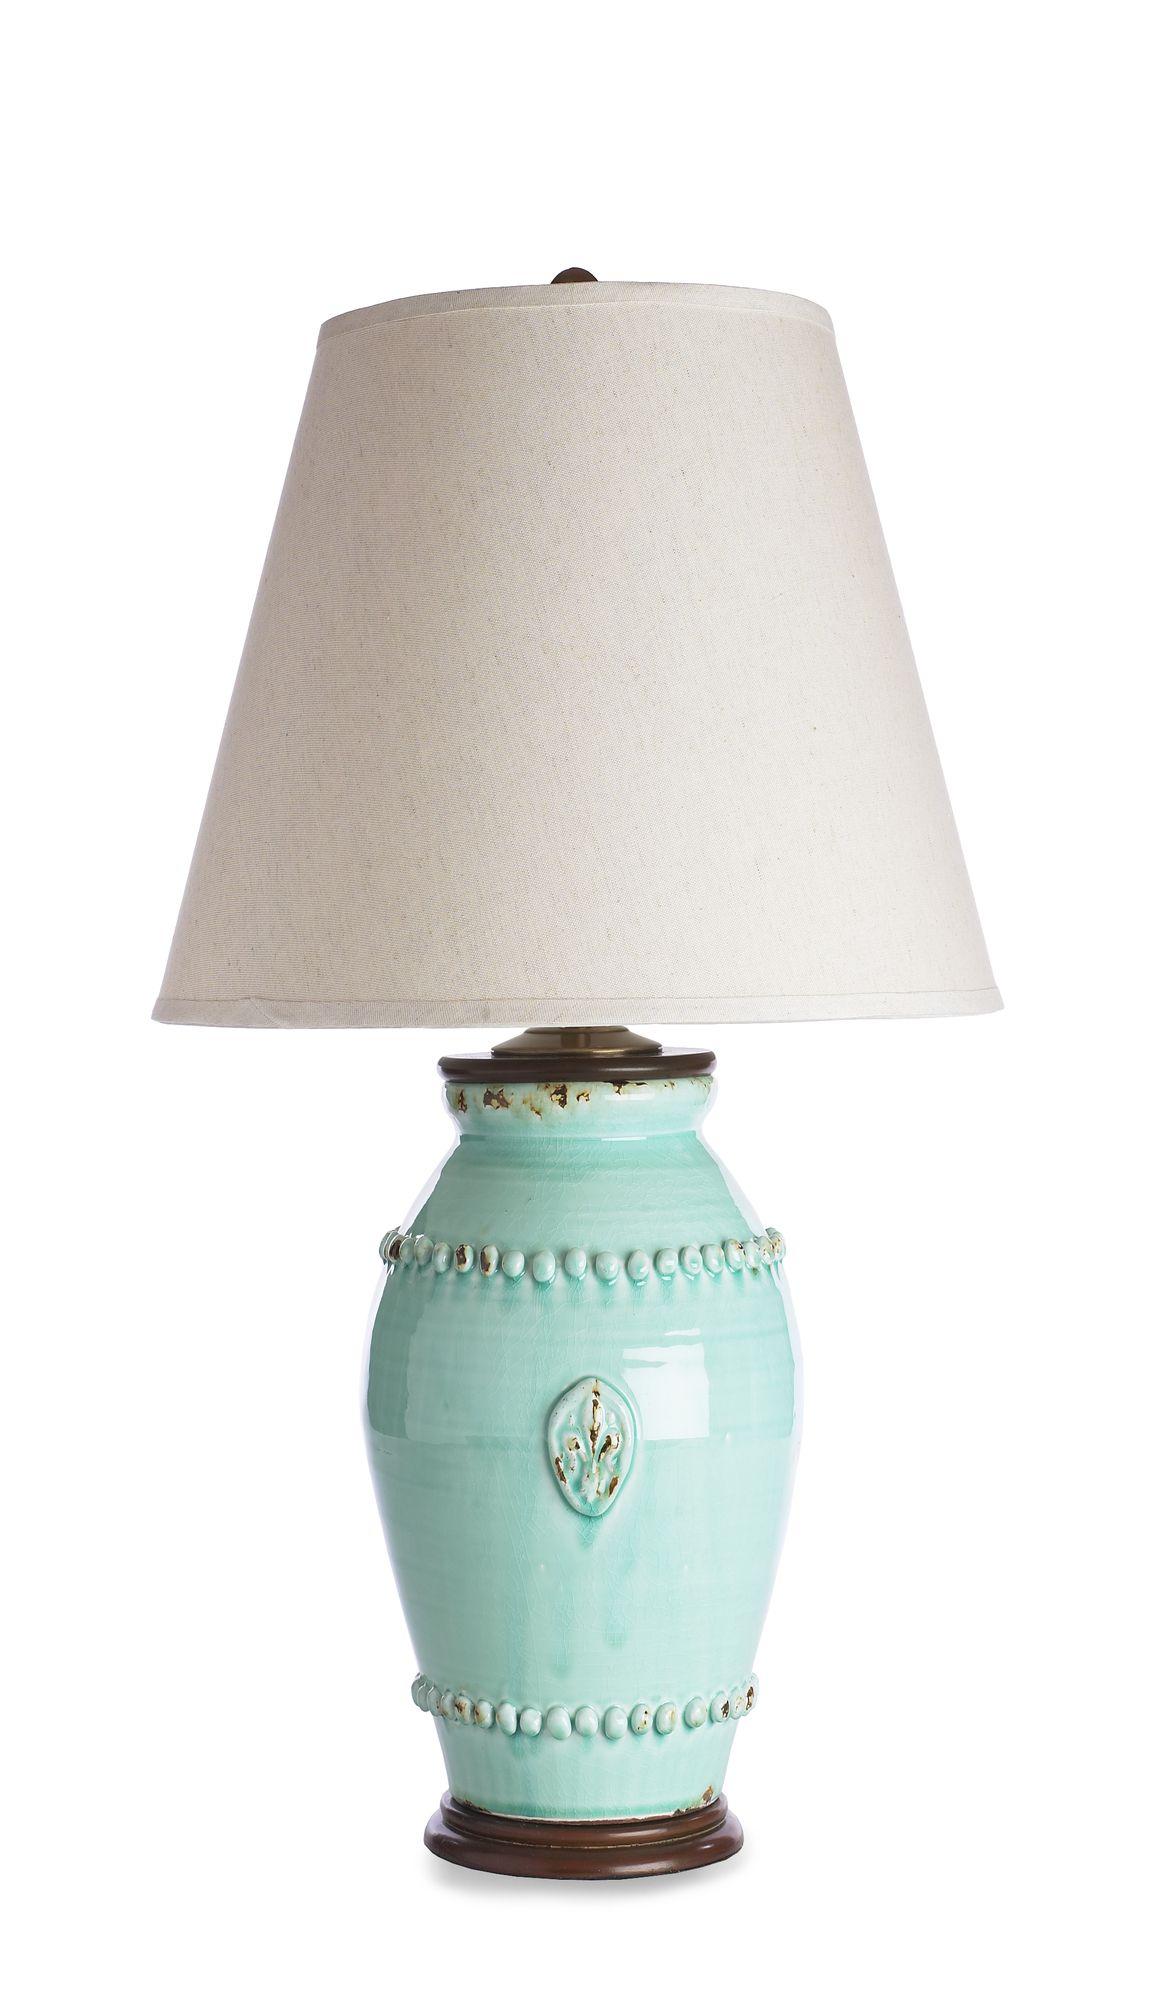 For the living room has a fleur de lis home sweet home for the living room has a fleur de lis geotapseo Gallery